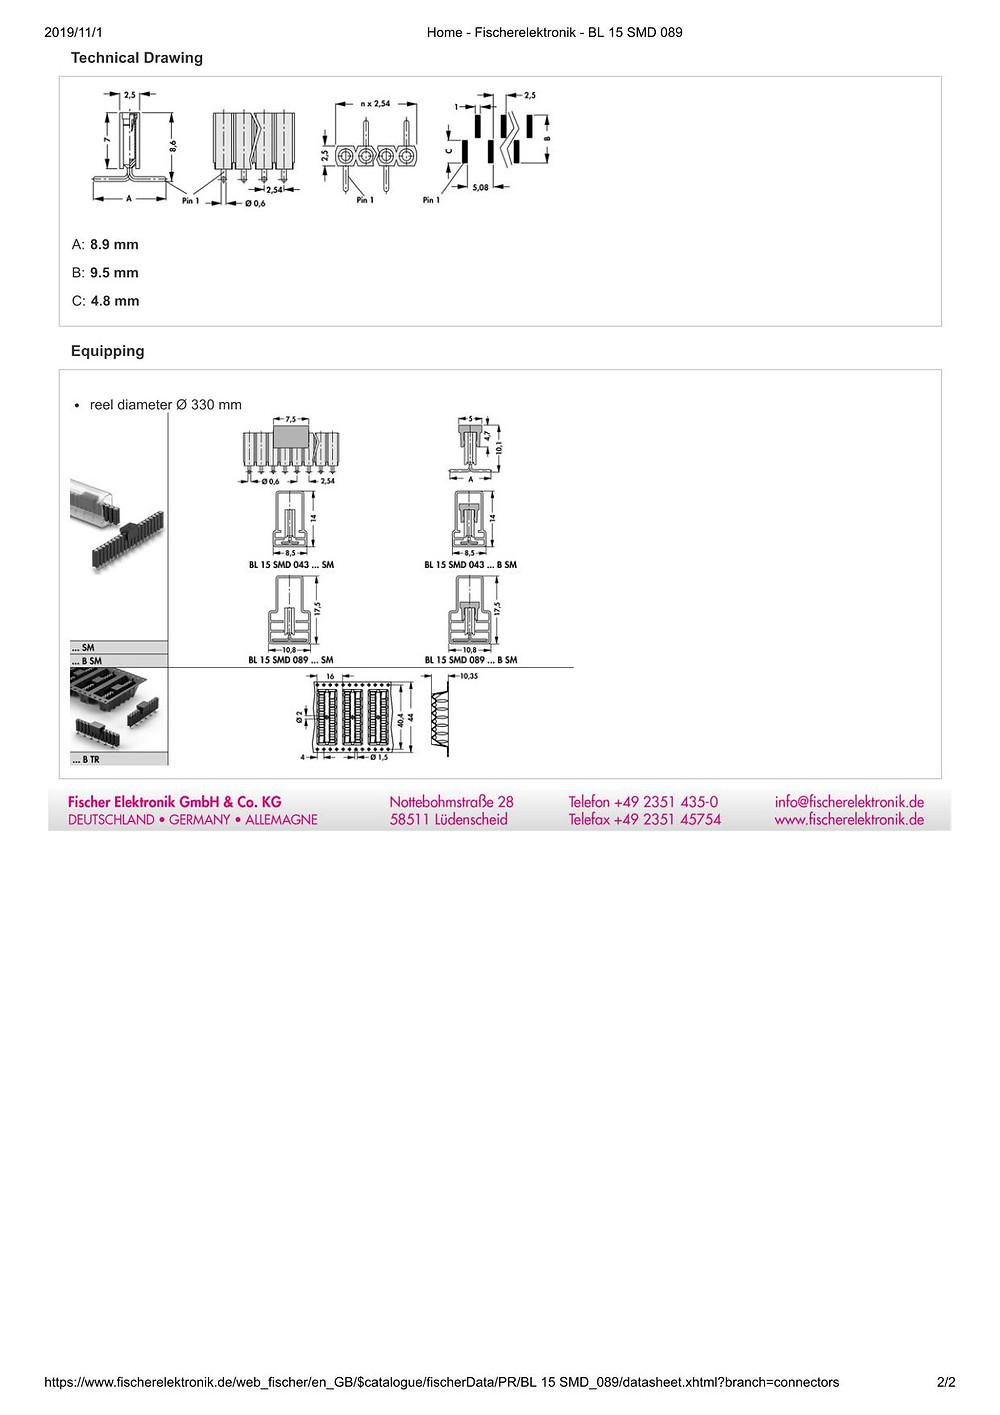 BL15 SMD 089 フィッシャー テープ&リール対応 表面実装用 ピンソケット 1列 2.54㎜ピッチ (1リール=400個巻)4-20コンタクト